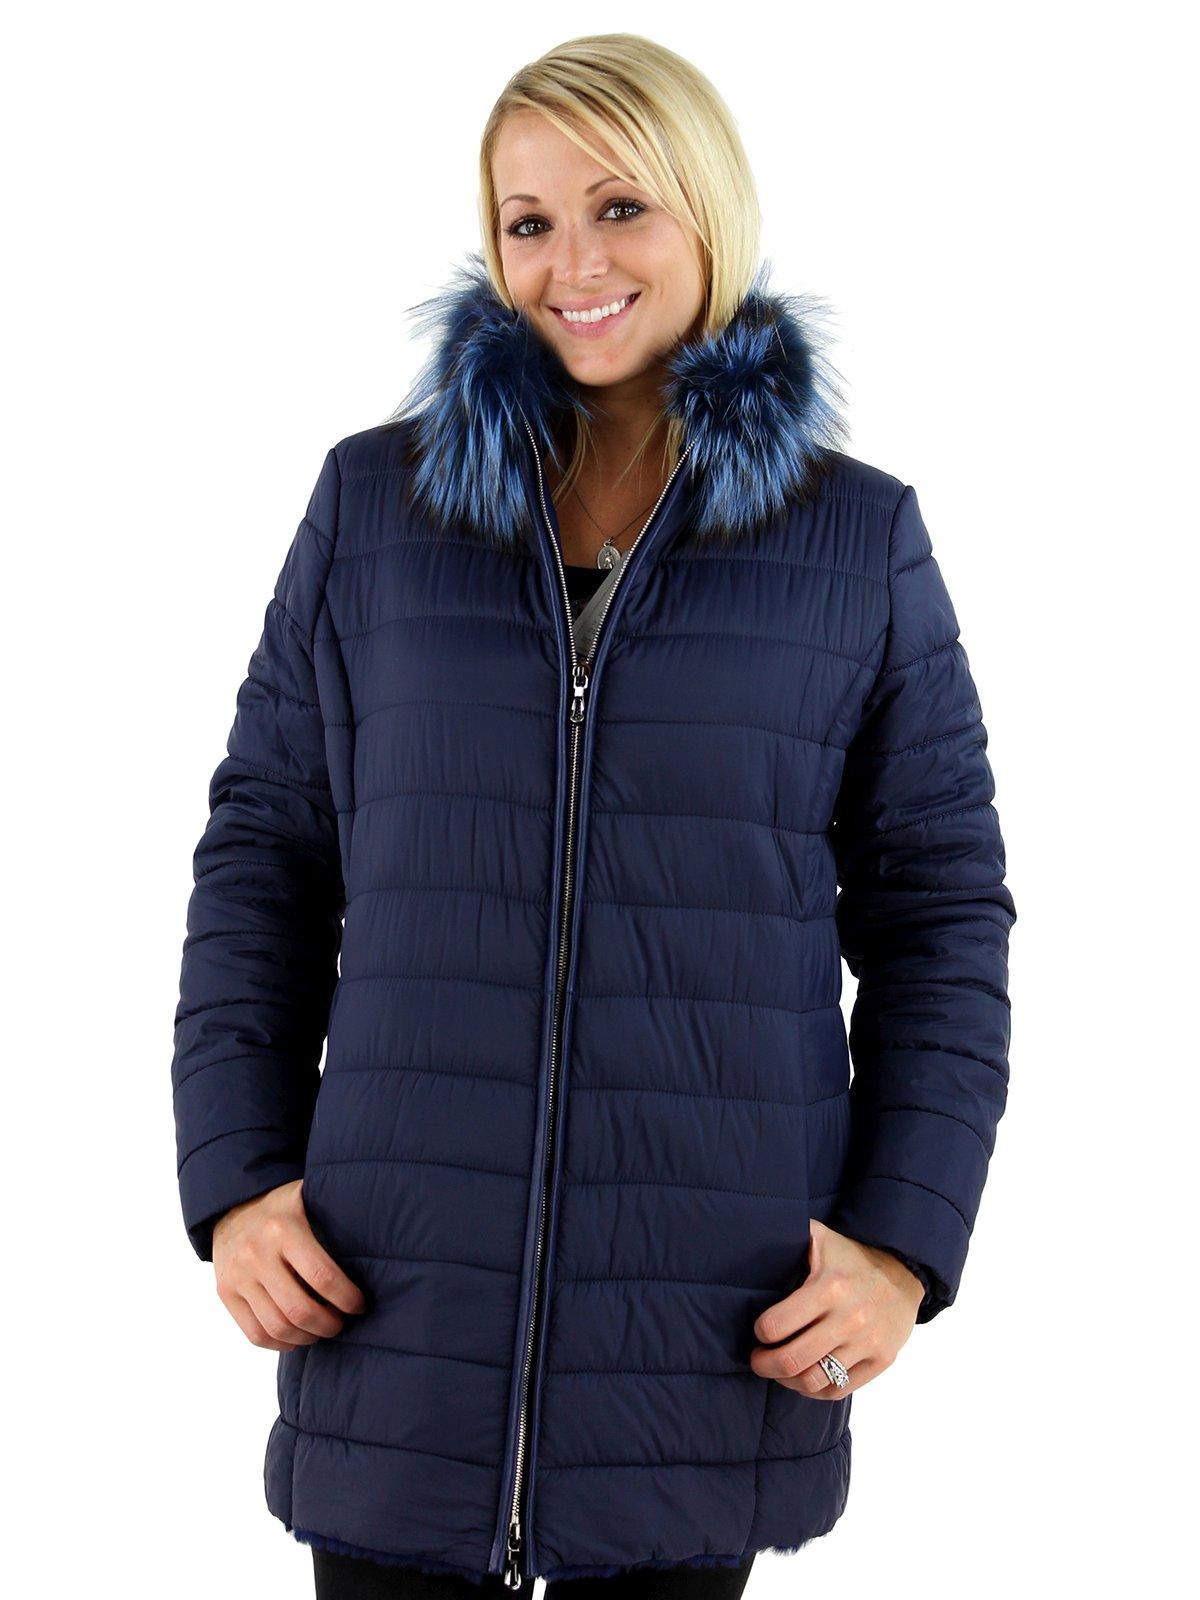 Woman's Navy Fabric and Shearling Lamb Jacket